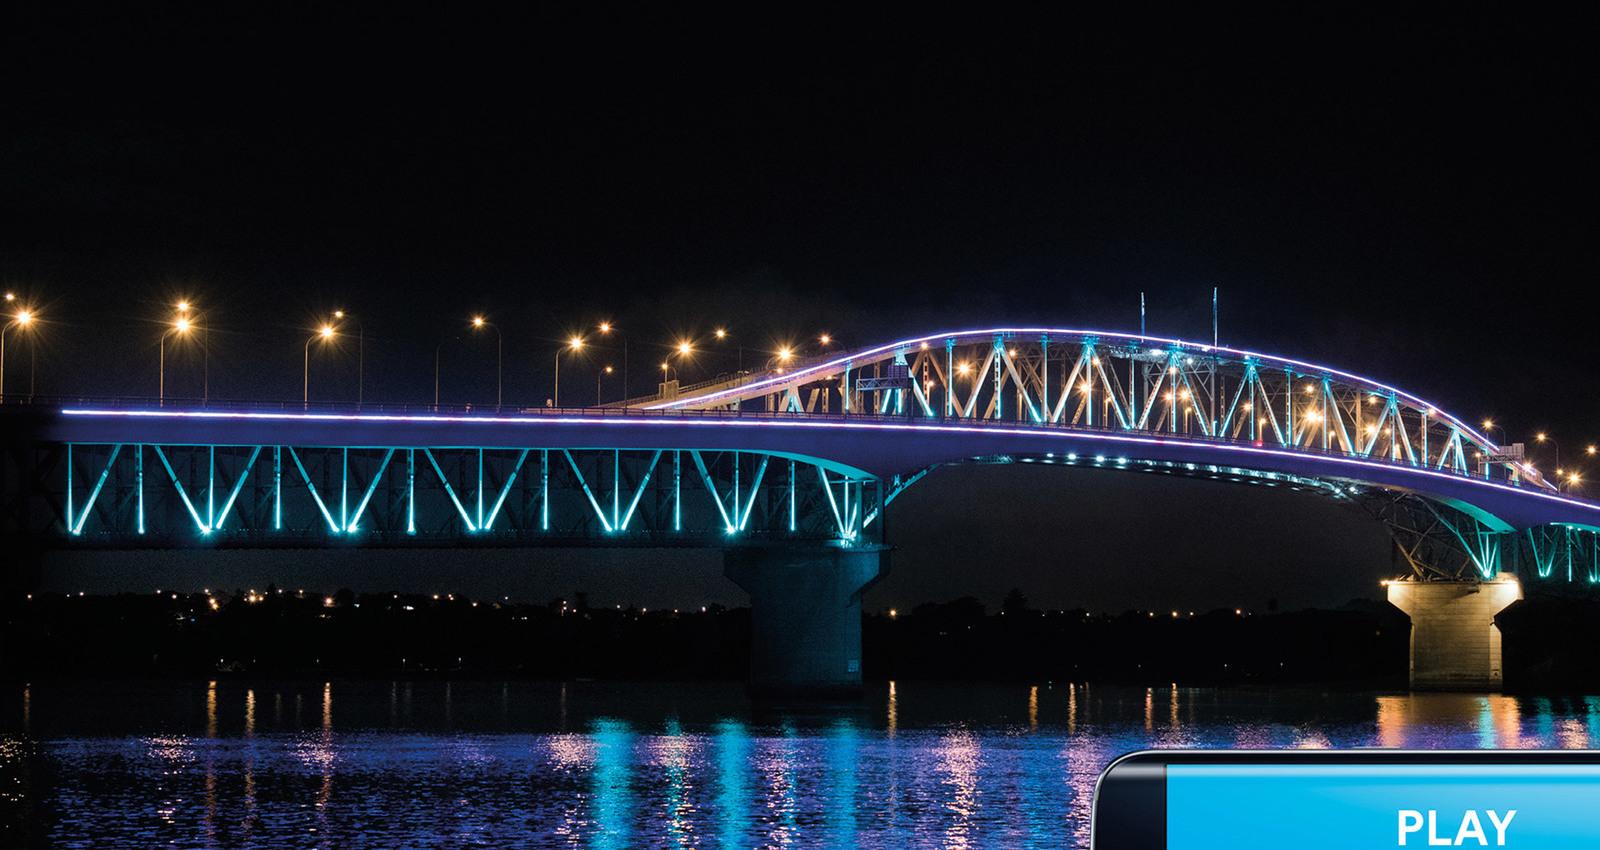 Play the Bridge